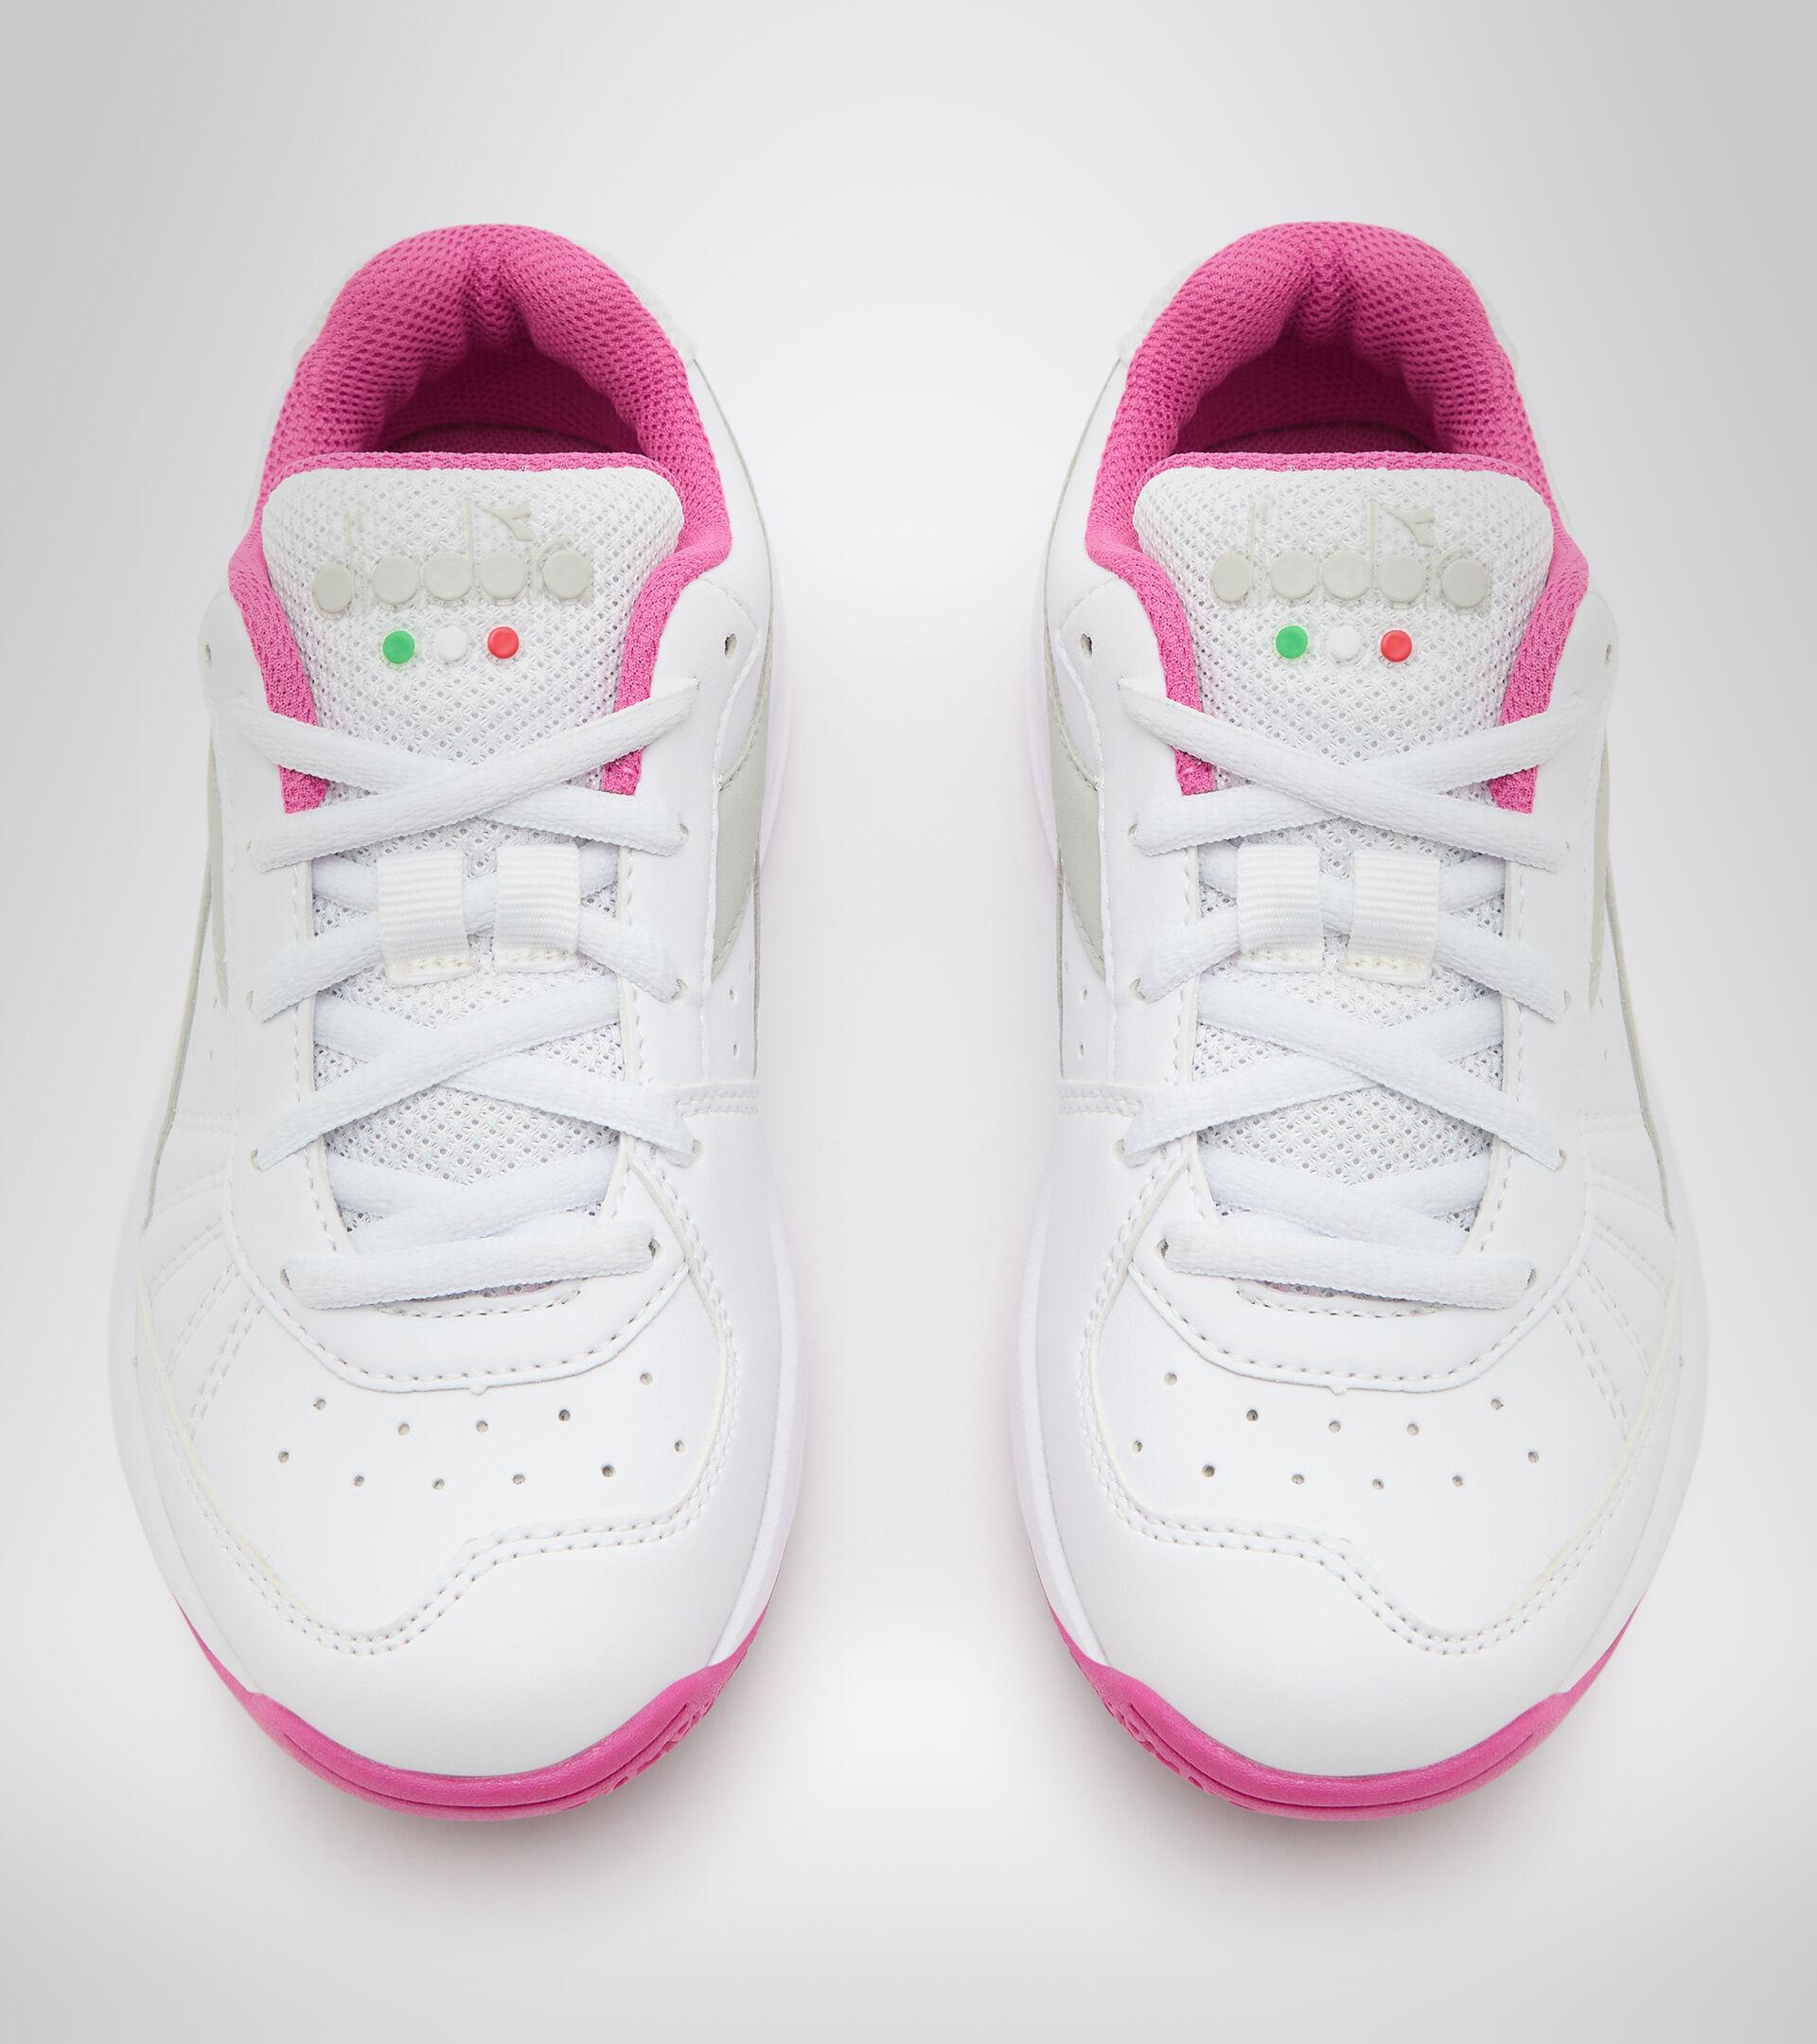 Zapatillas de tenis para terrenos duros y tierra batida - Unisex niños S. CHALLENGE 3 SL JR BLANCO/ROSA IBIS - Diadora